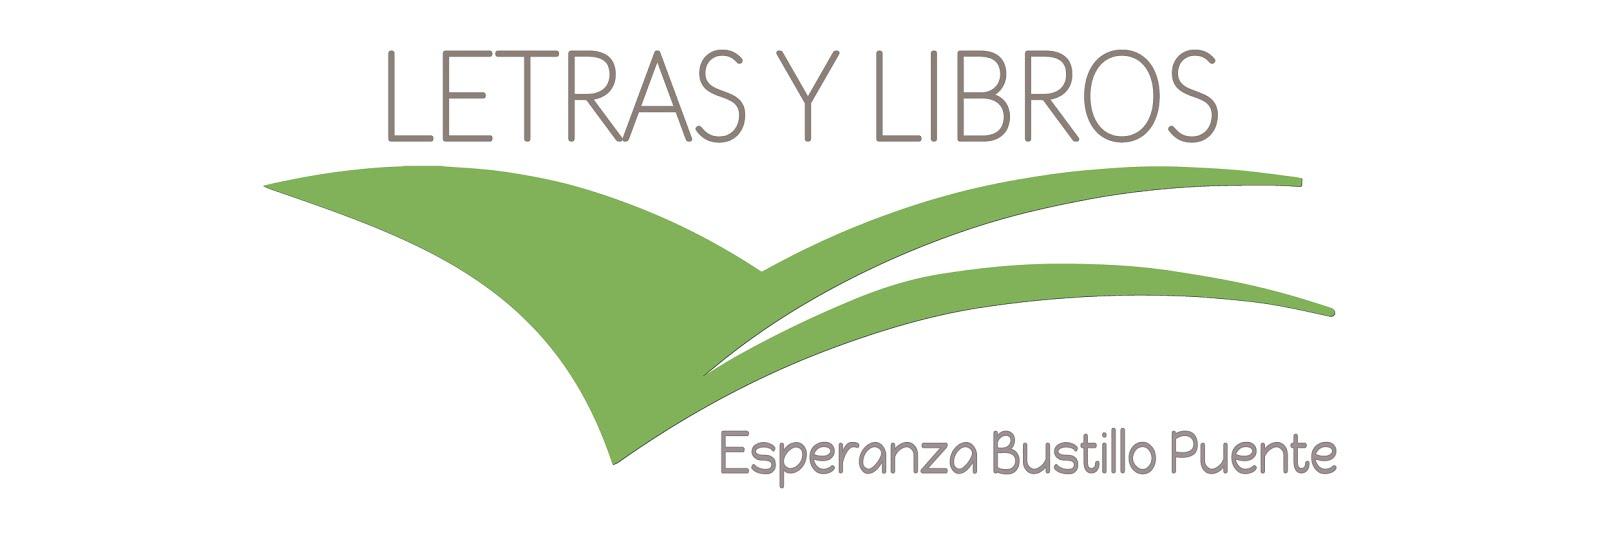 Esperanza Bustillo Puente.